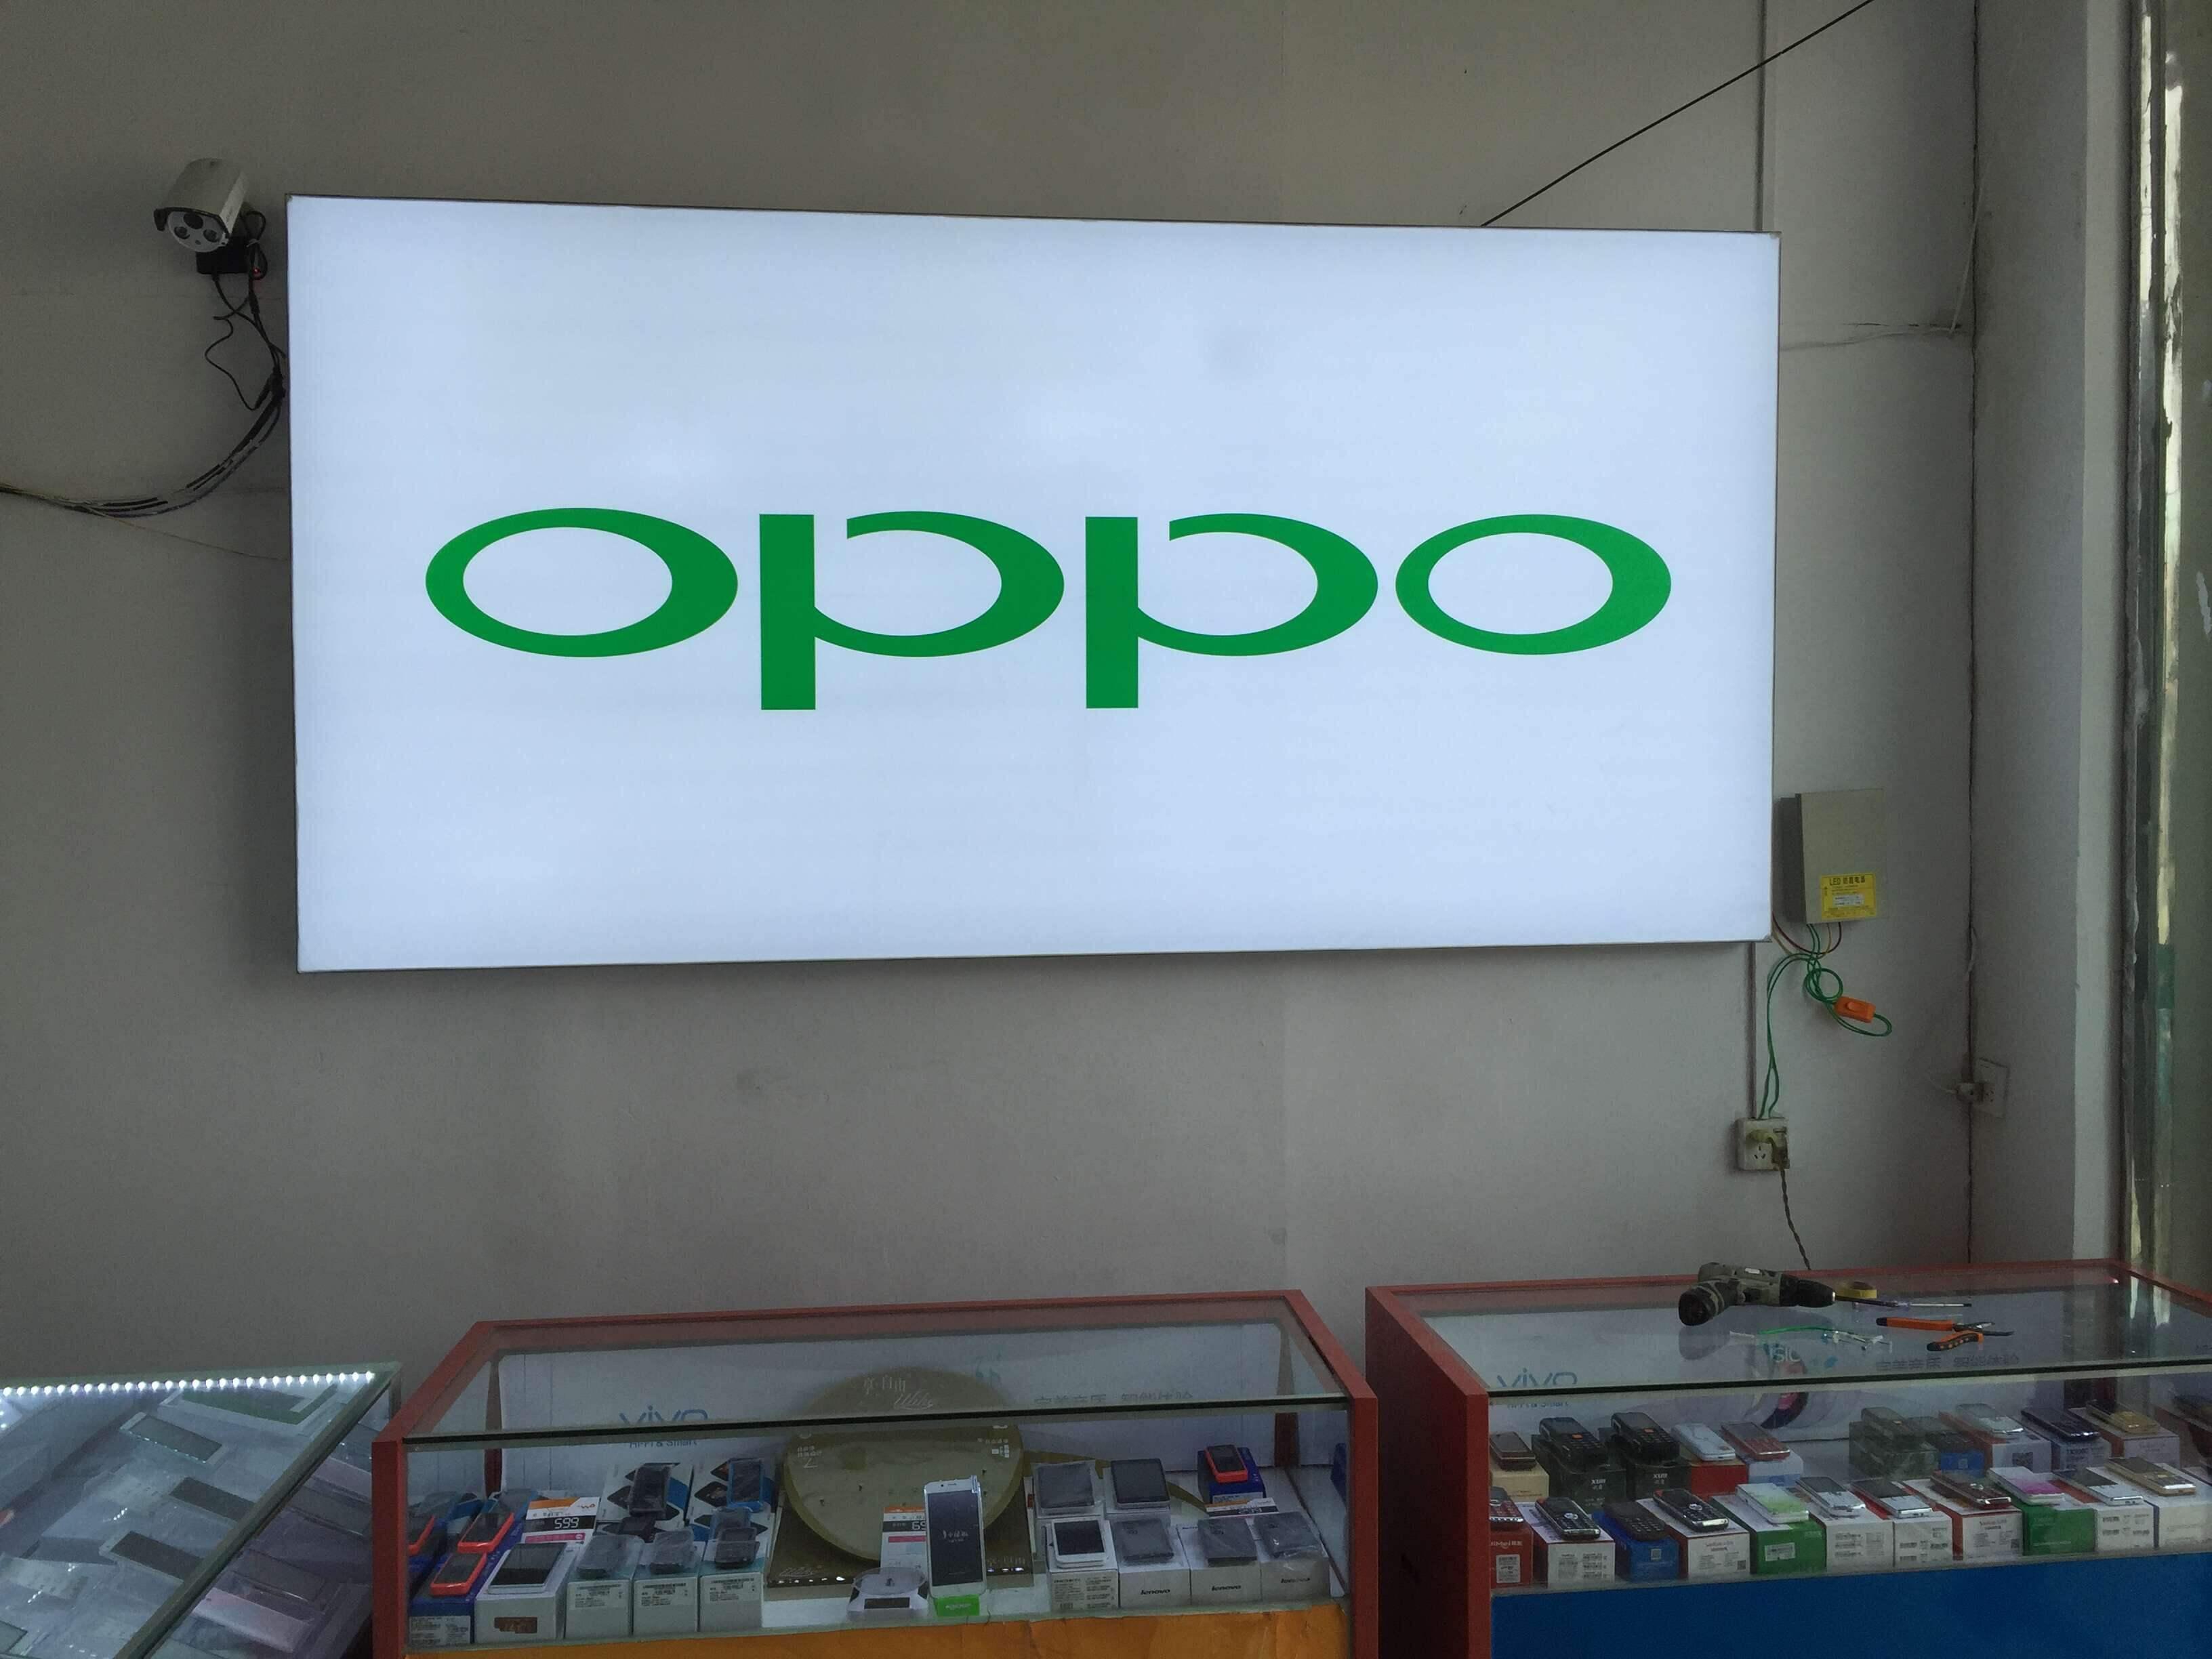 软膜灯箱-oppo